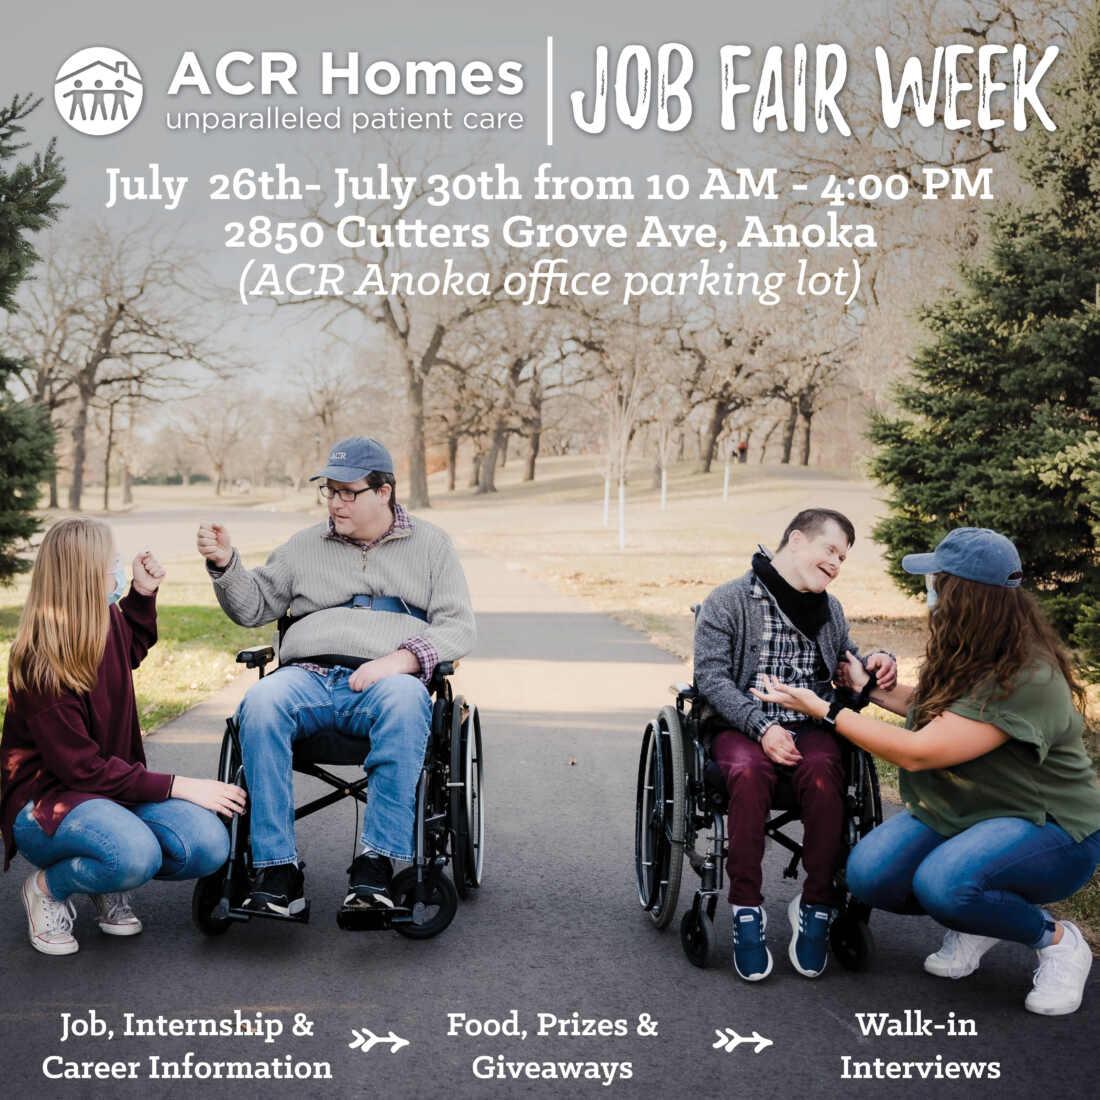 Instagram Job Fair Week July 26-30th